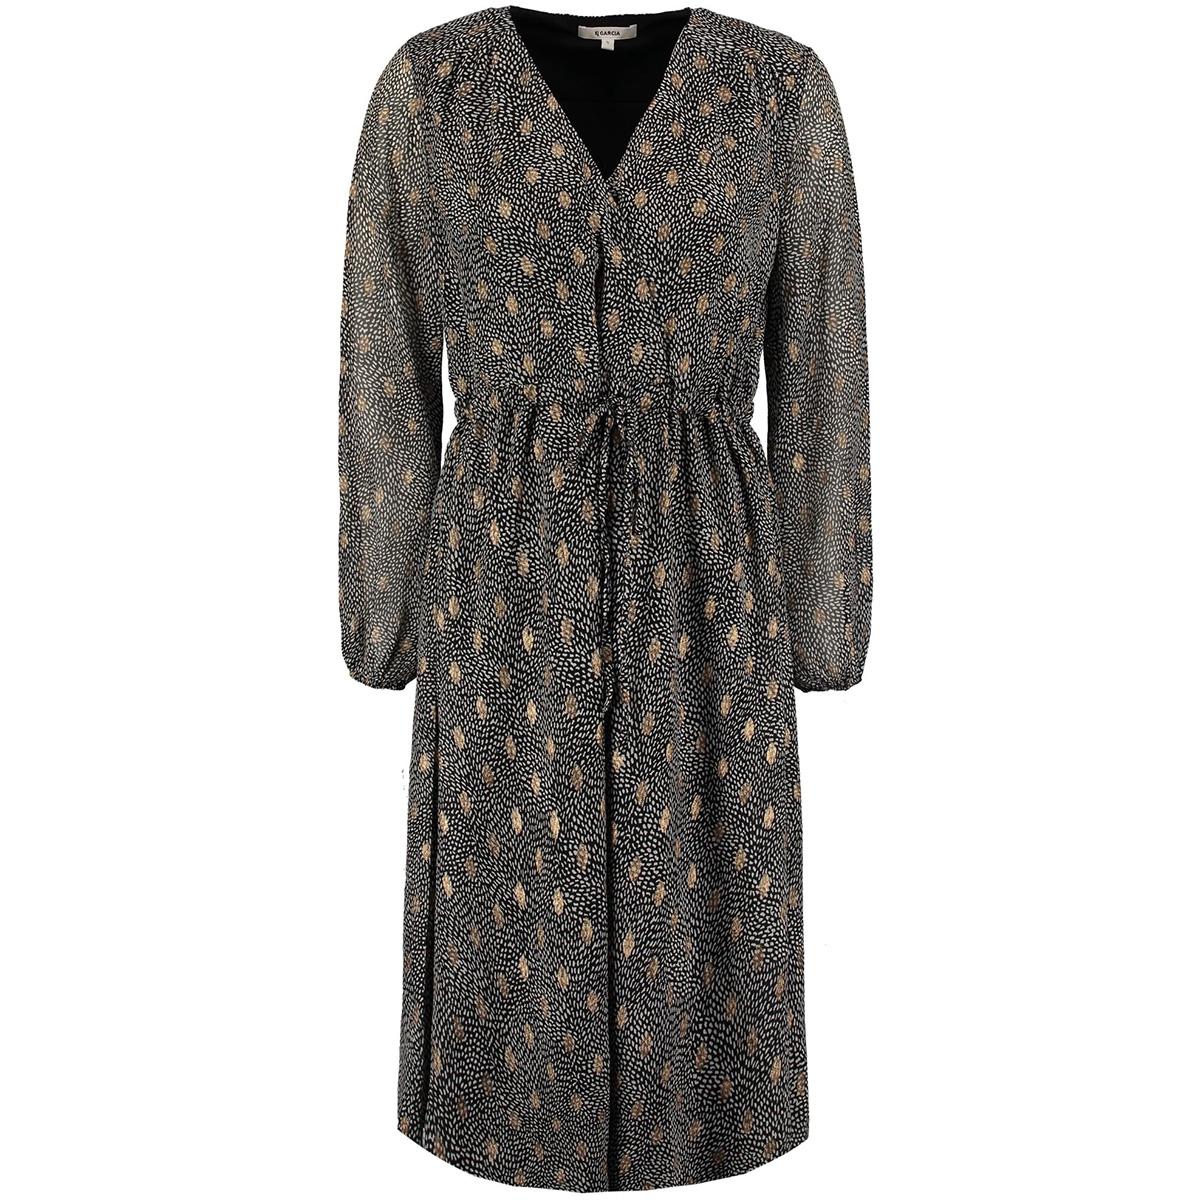 jurk met dubbele all over print ge901001 garcia jurk 60 black